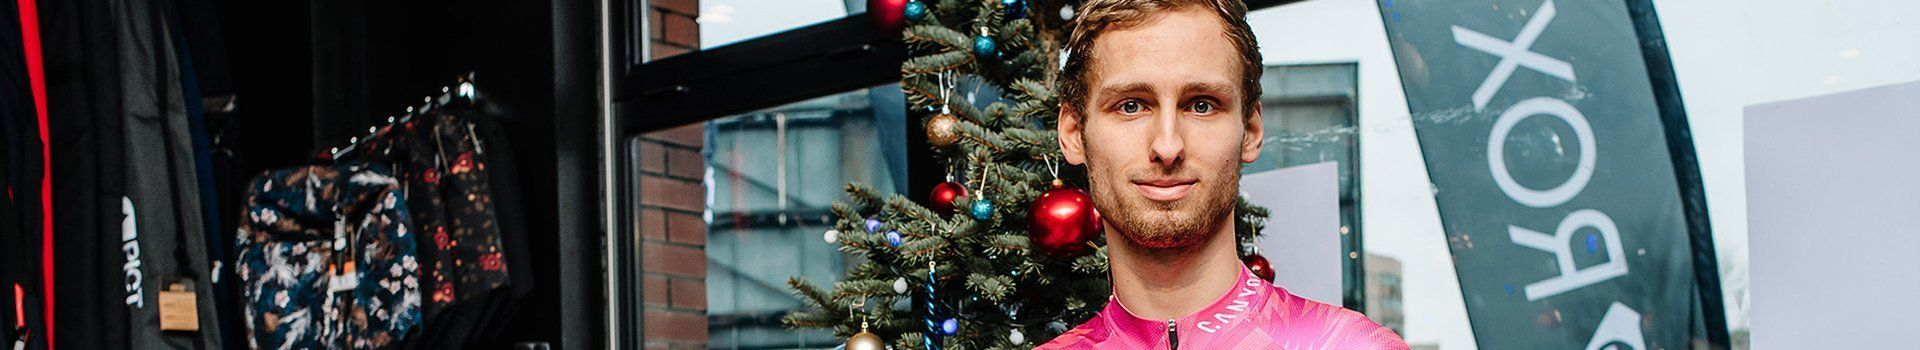 Michał Kamiński - pierwszy Polak, startujący w Mistrzostwach Świata UCI Zwift w e-kolarstwie